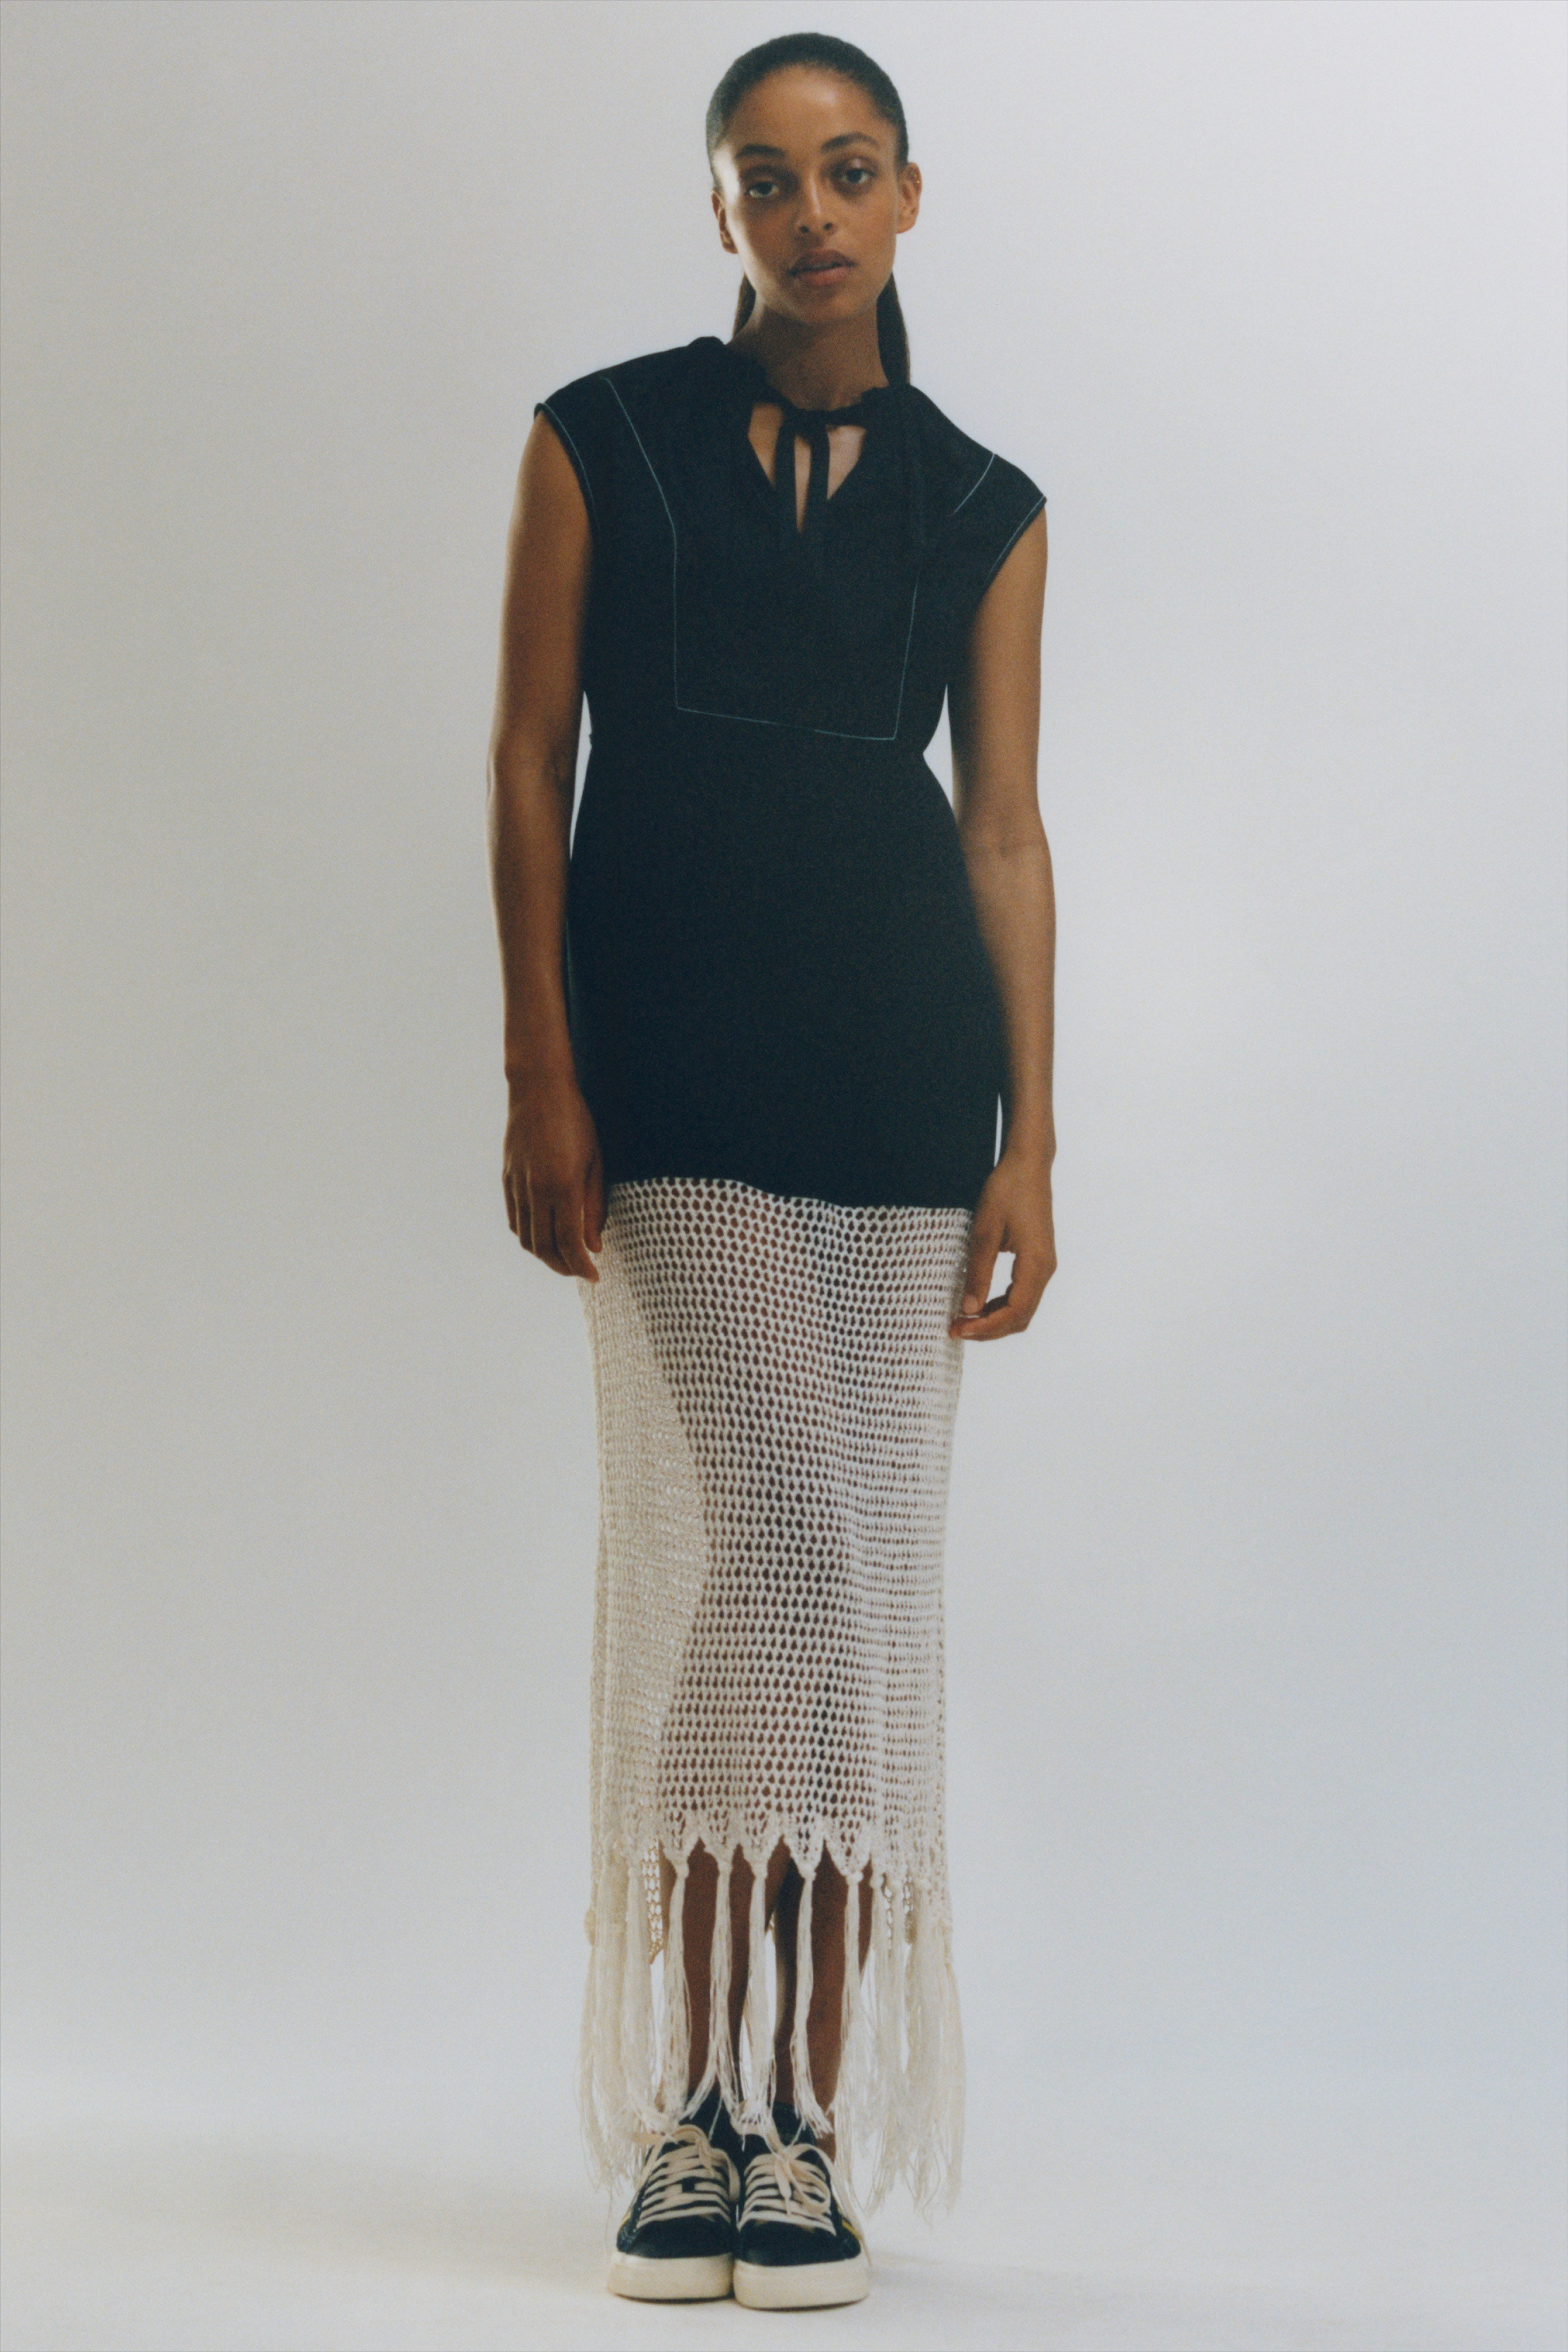 Wales Bonner весна-лето 2021: «Хотелось глубже погрузить зрителя в наш мир», — Грейс Уэльс Боннер о своем дебюте на Неделе моды в Париже